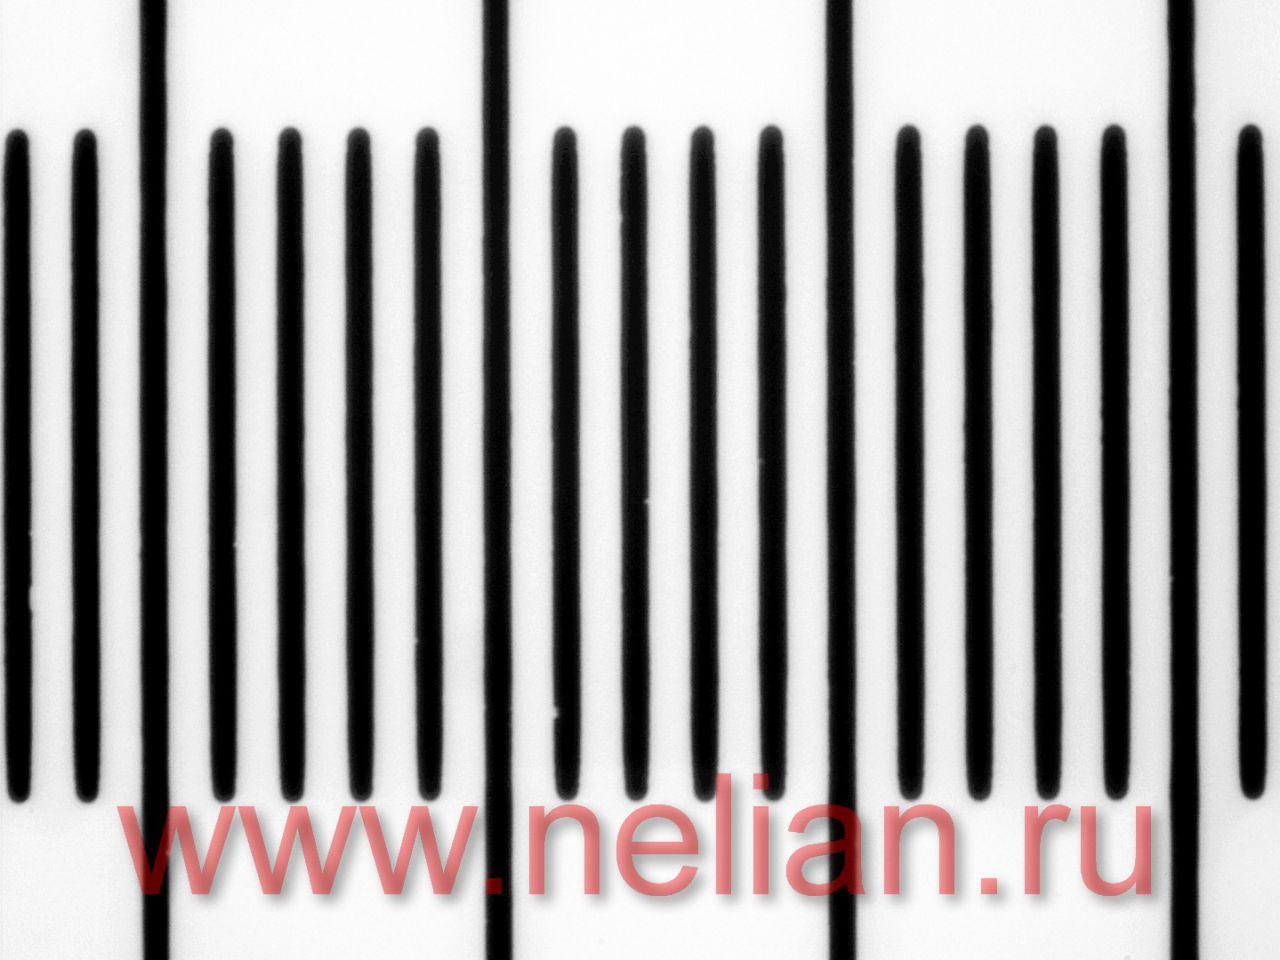 Внешний вид шкалы объект-микрометра под увеличением 40 крат